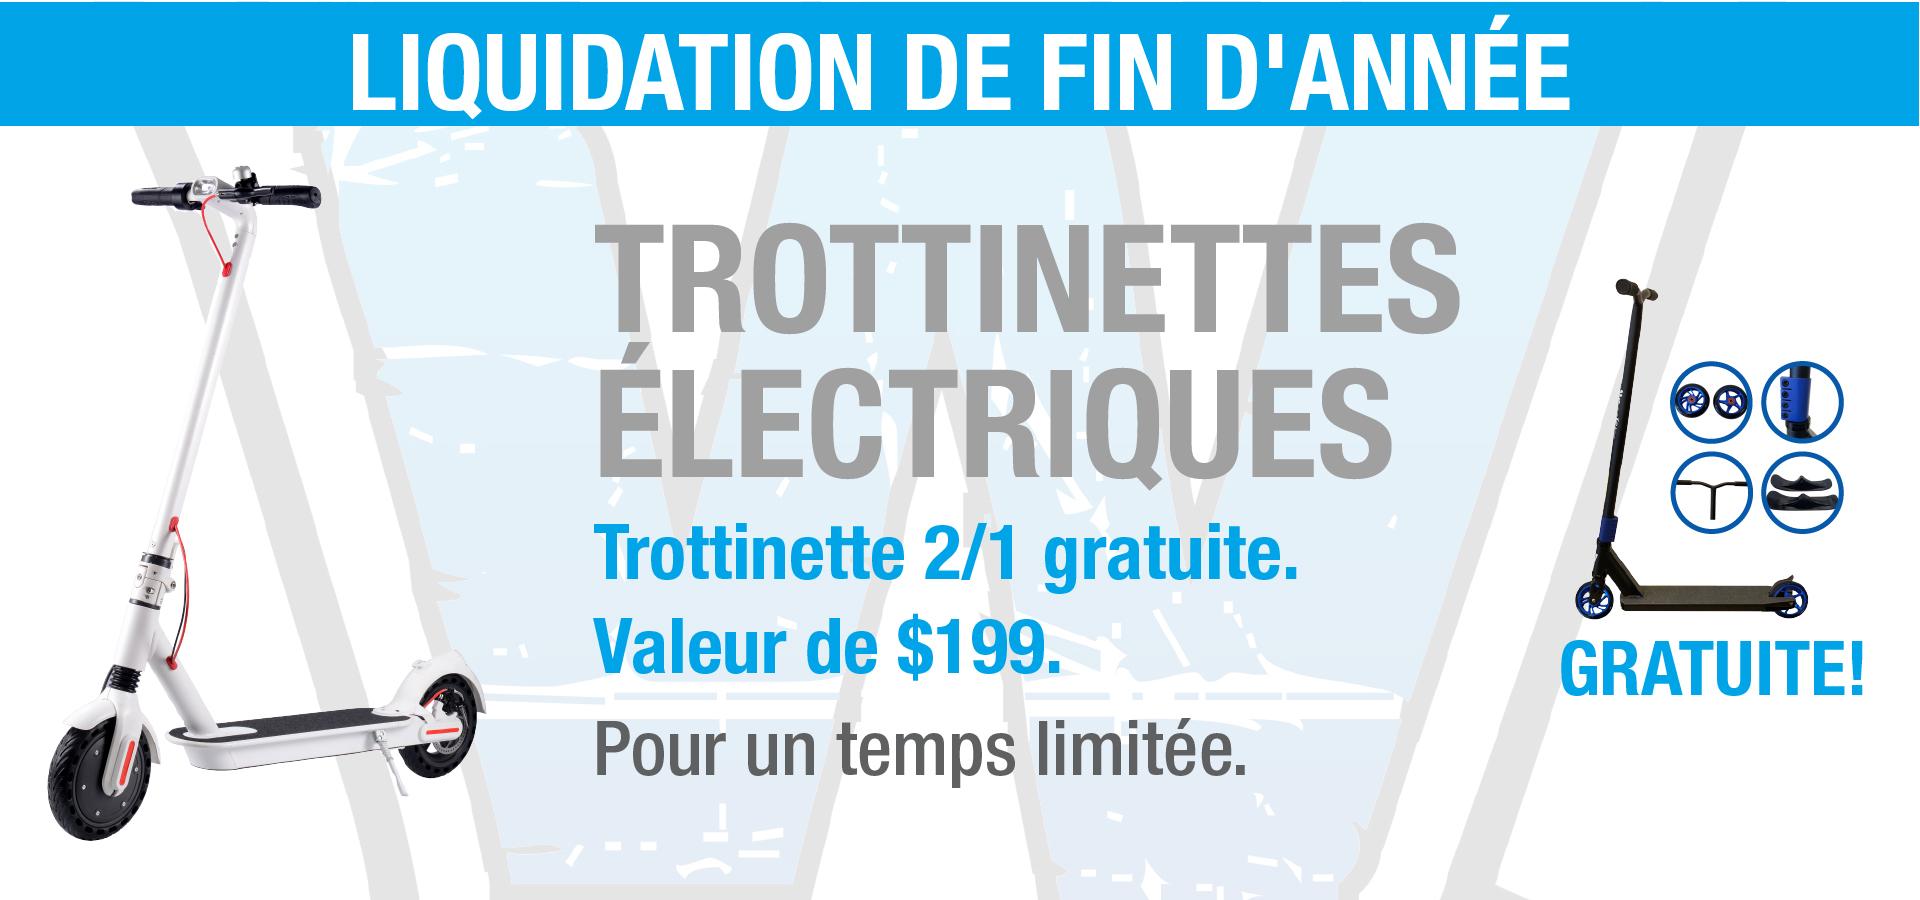 trottinette-lectrique-liquidation.jpg